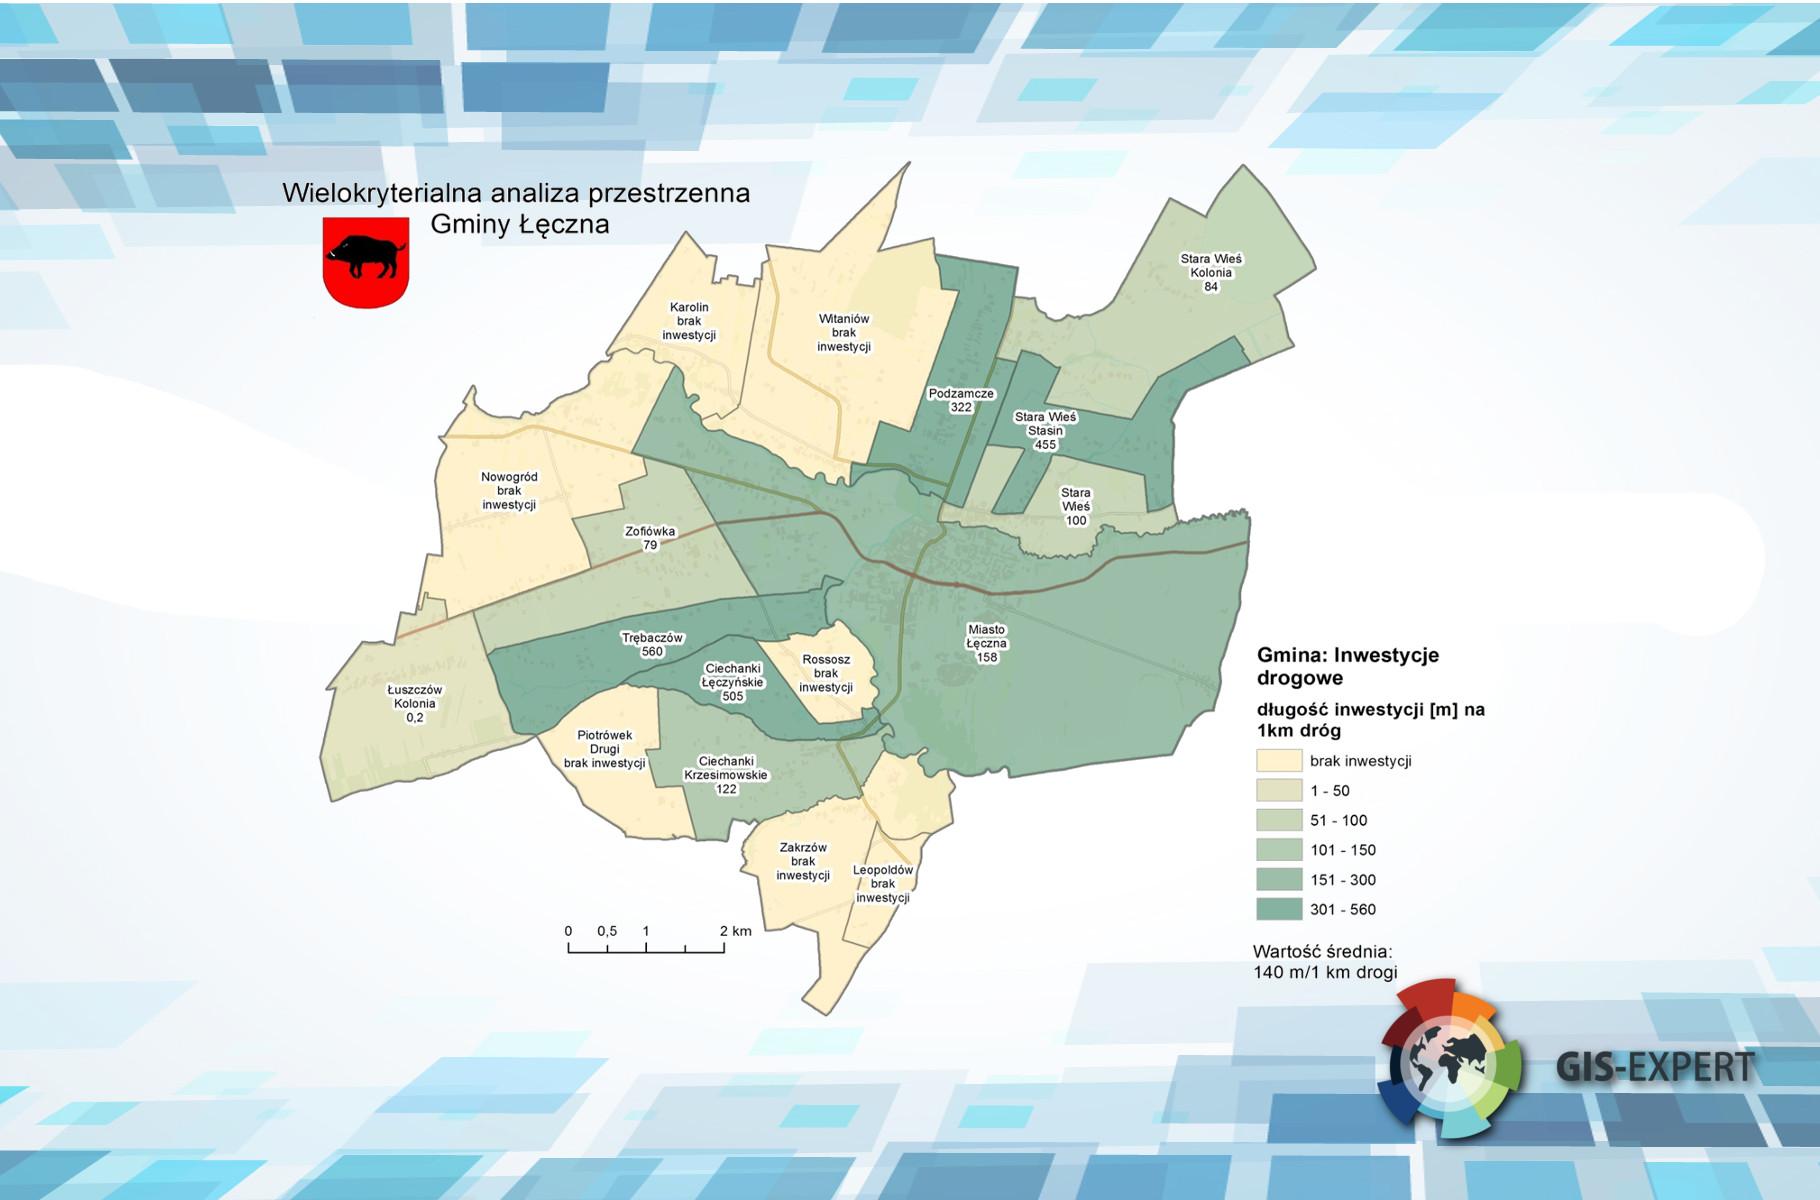 Rys. 2. Przykładowa mapa prezentująca zjawisko sfery gospodarczej - inwestycje drogowe